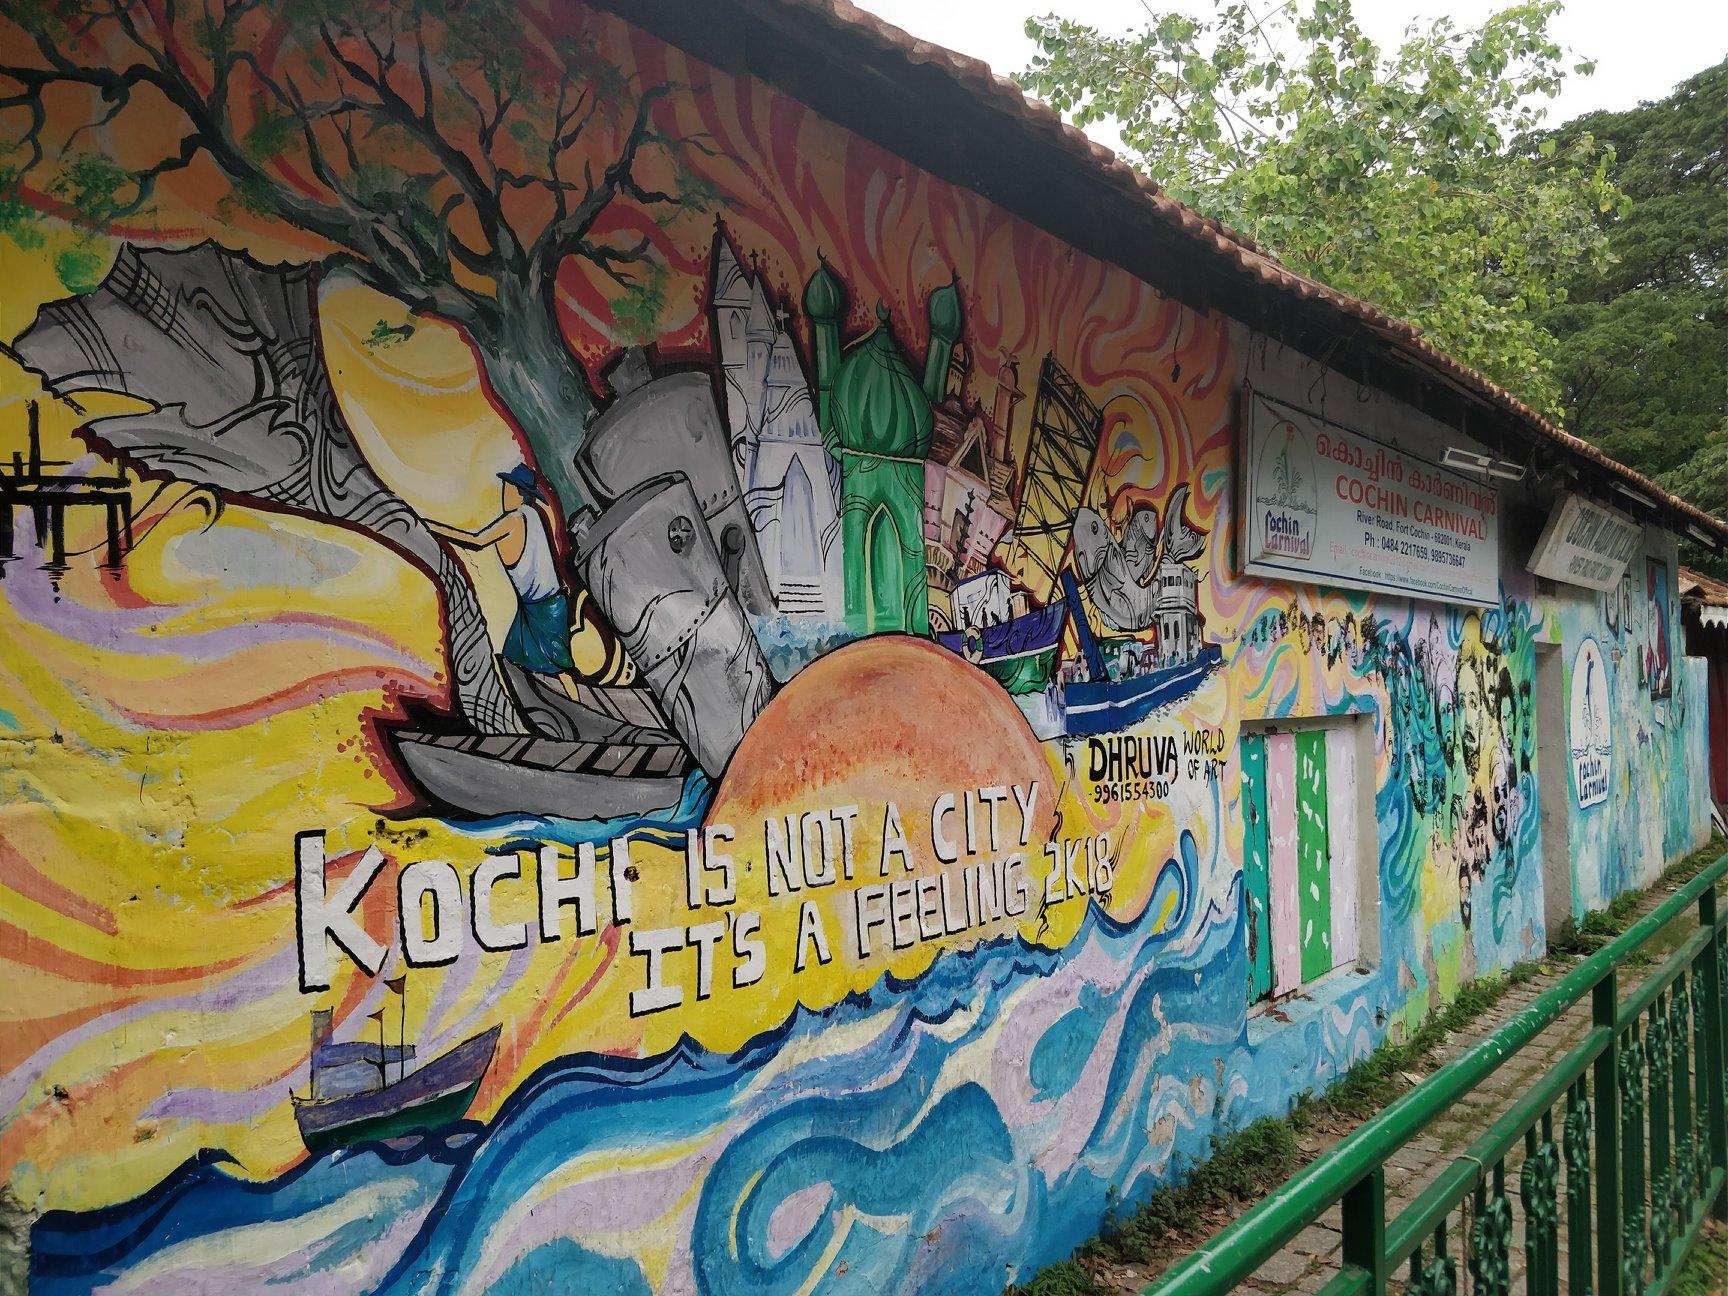 vibrante vitalità artistica a Kochi, la capitale del Kerala